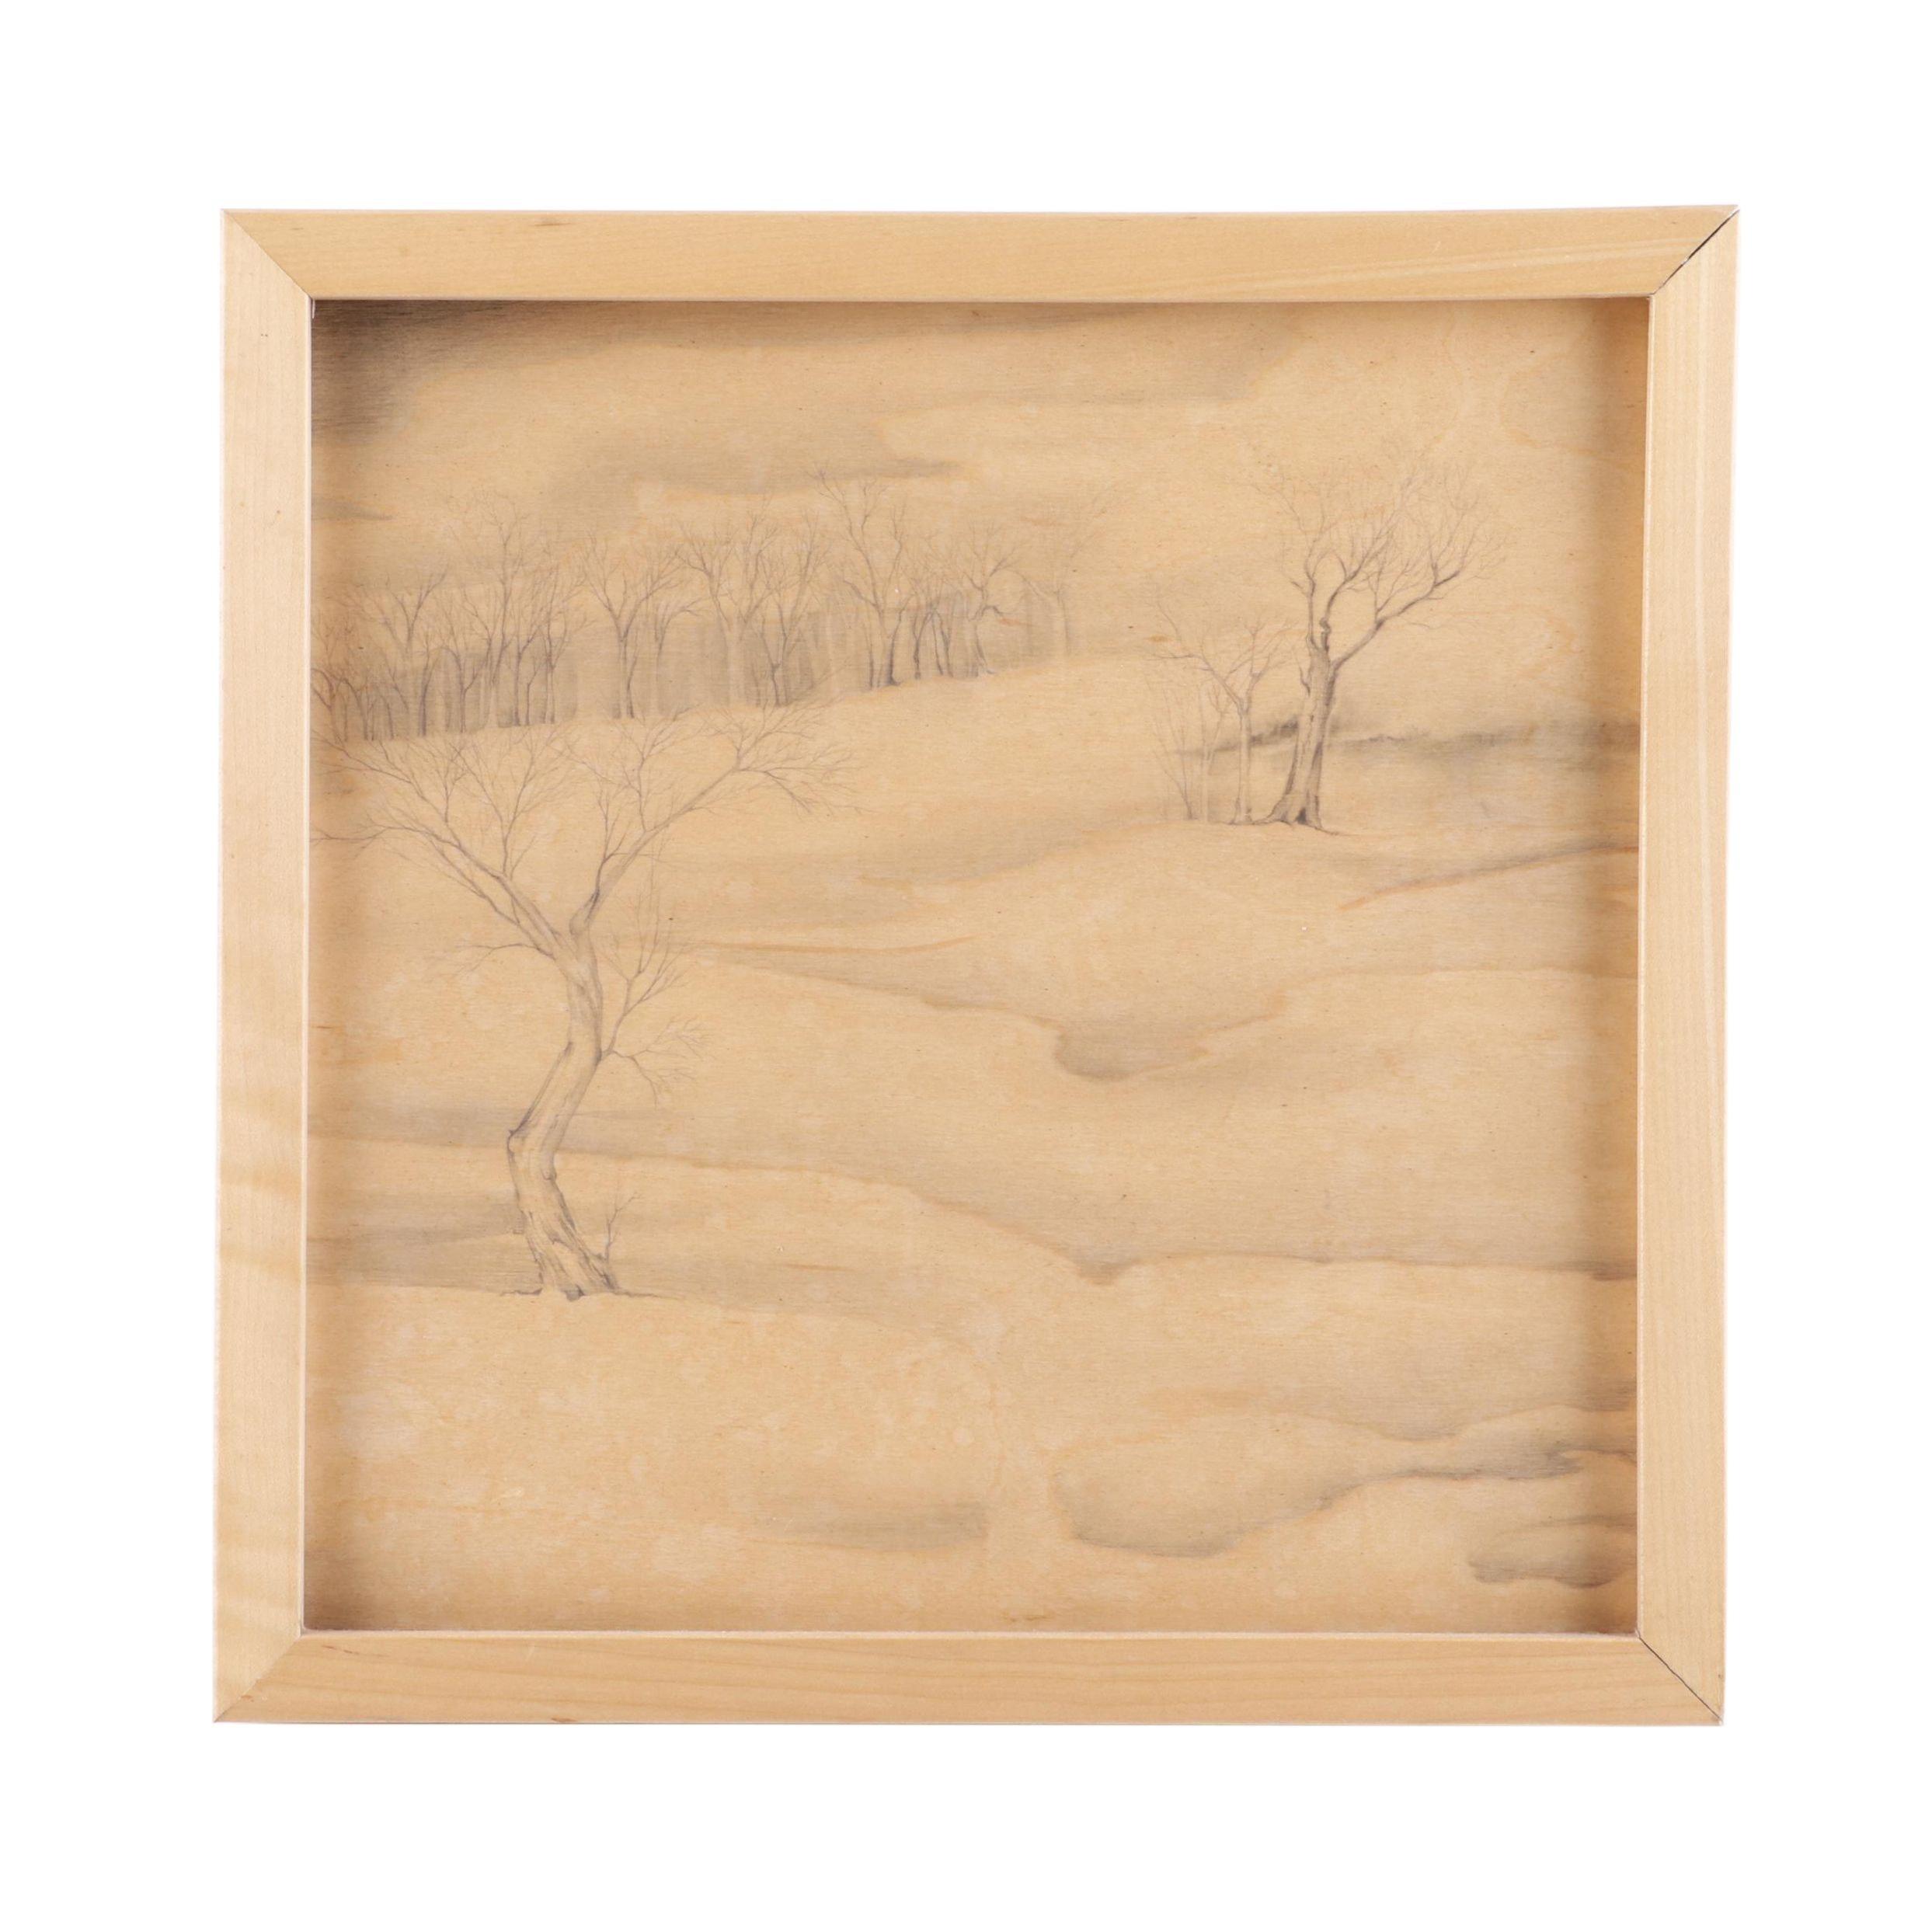 """Kathy Halamka Charcoal Drawing """"Memory & Longing: Access"""""""